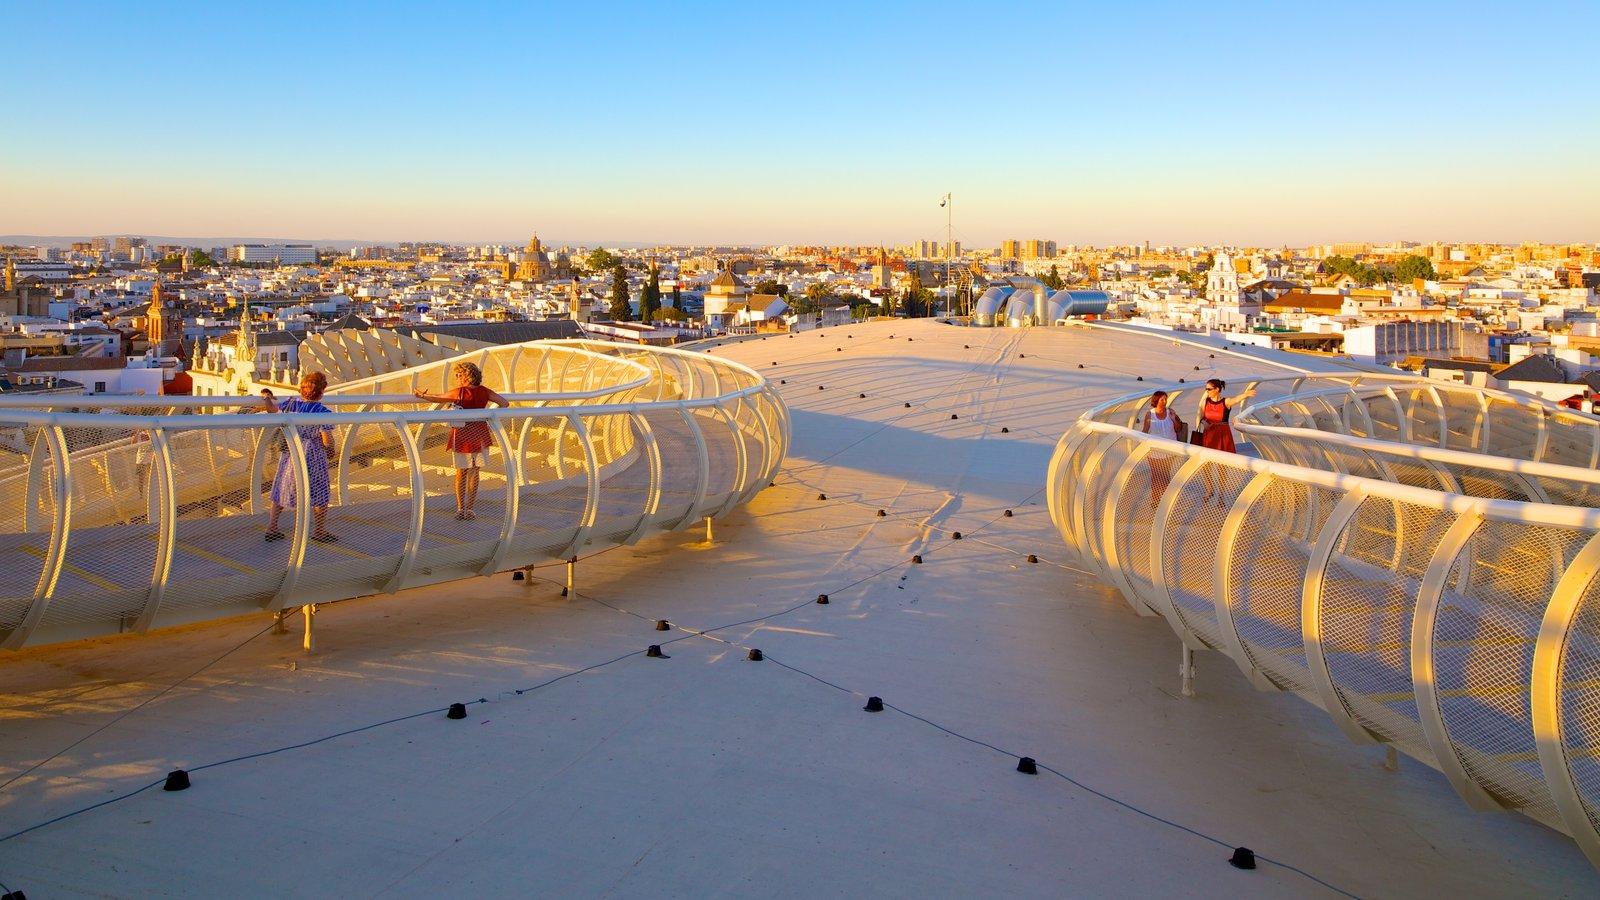 Metropol Parasol que incluye una puesta de sol, arquitectura moderna y horizonte